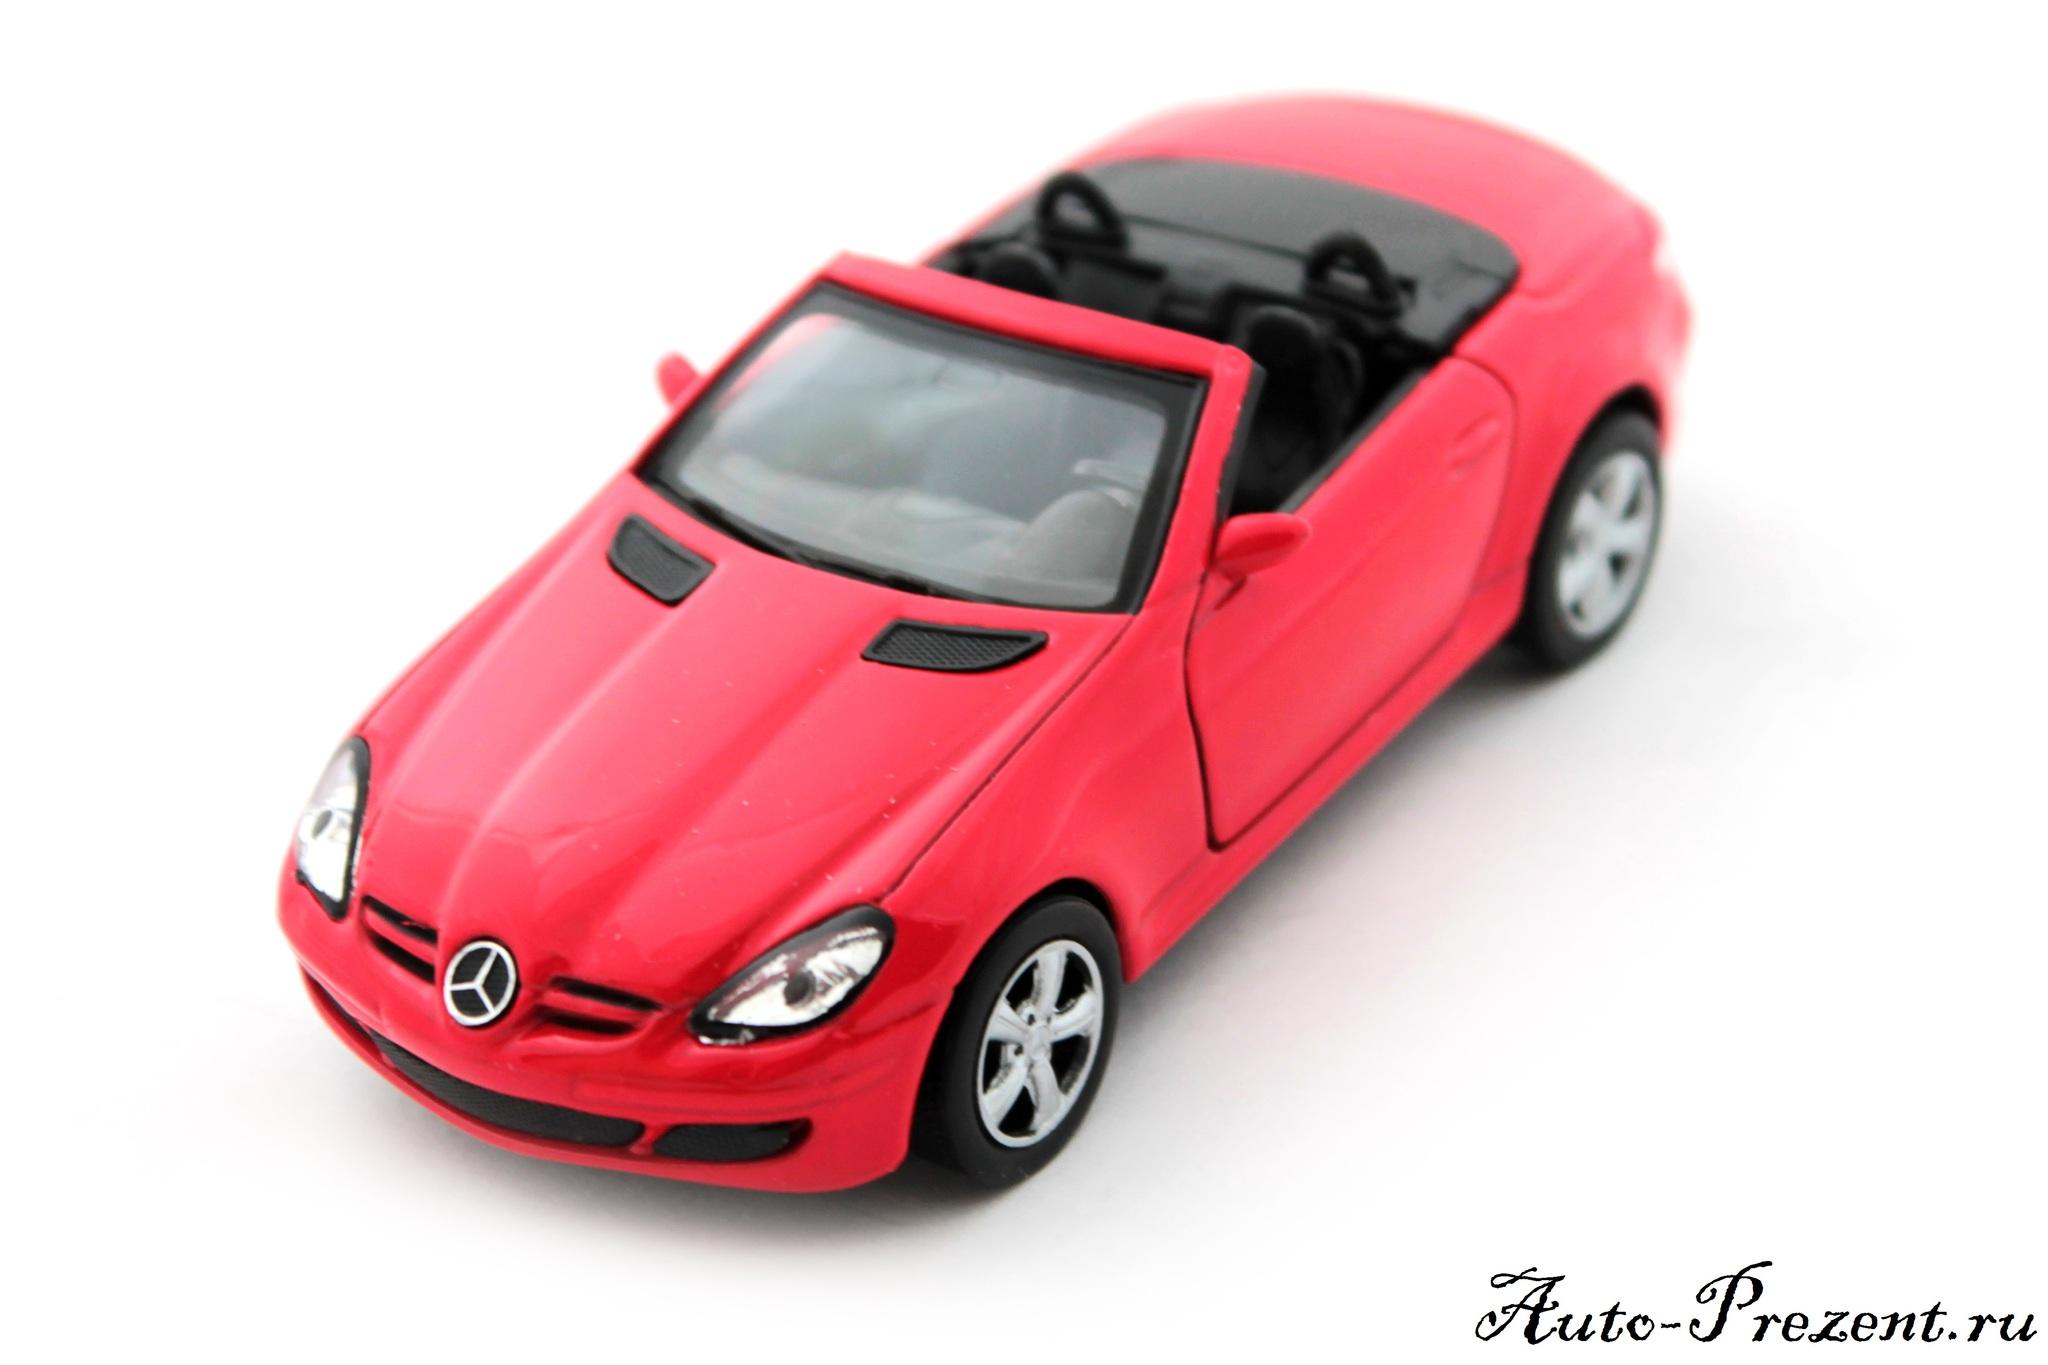 Машинка-игрушка Mercedes-Benz SLK 350 (Convertible)